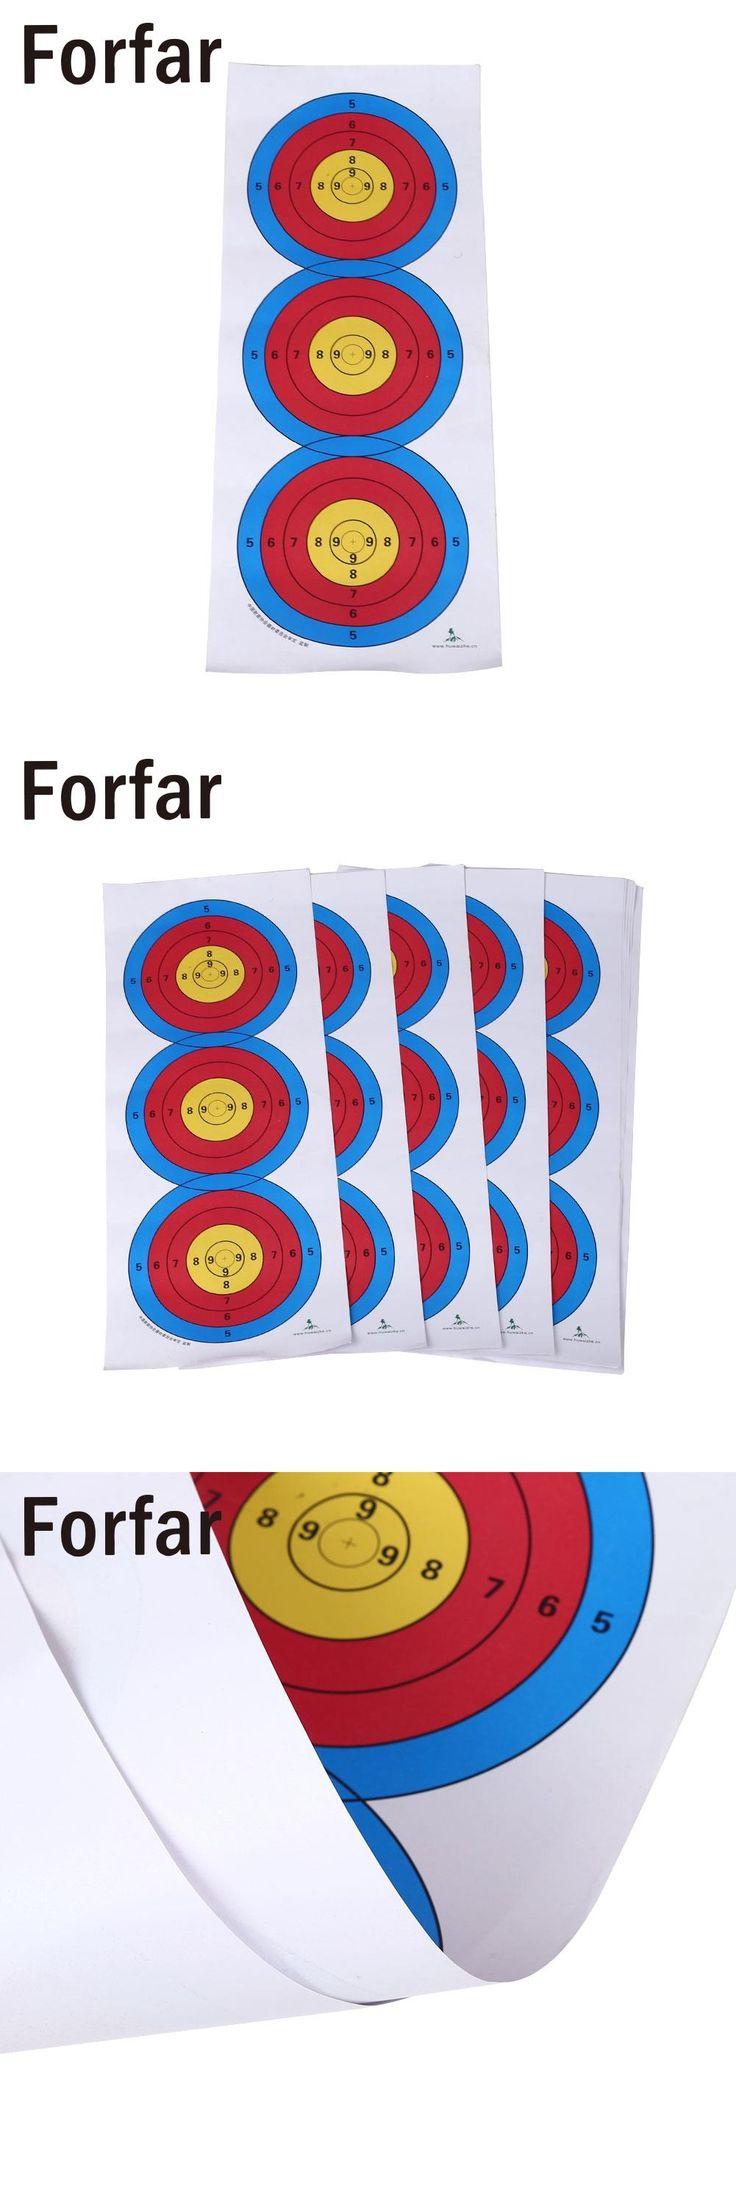 Forfar Standard Three Target Paper Shooting Target Hunting Arrow Target Indoor